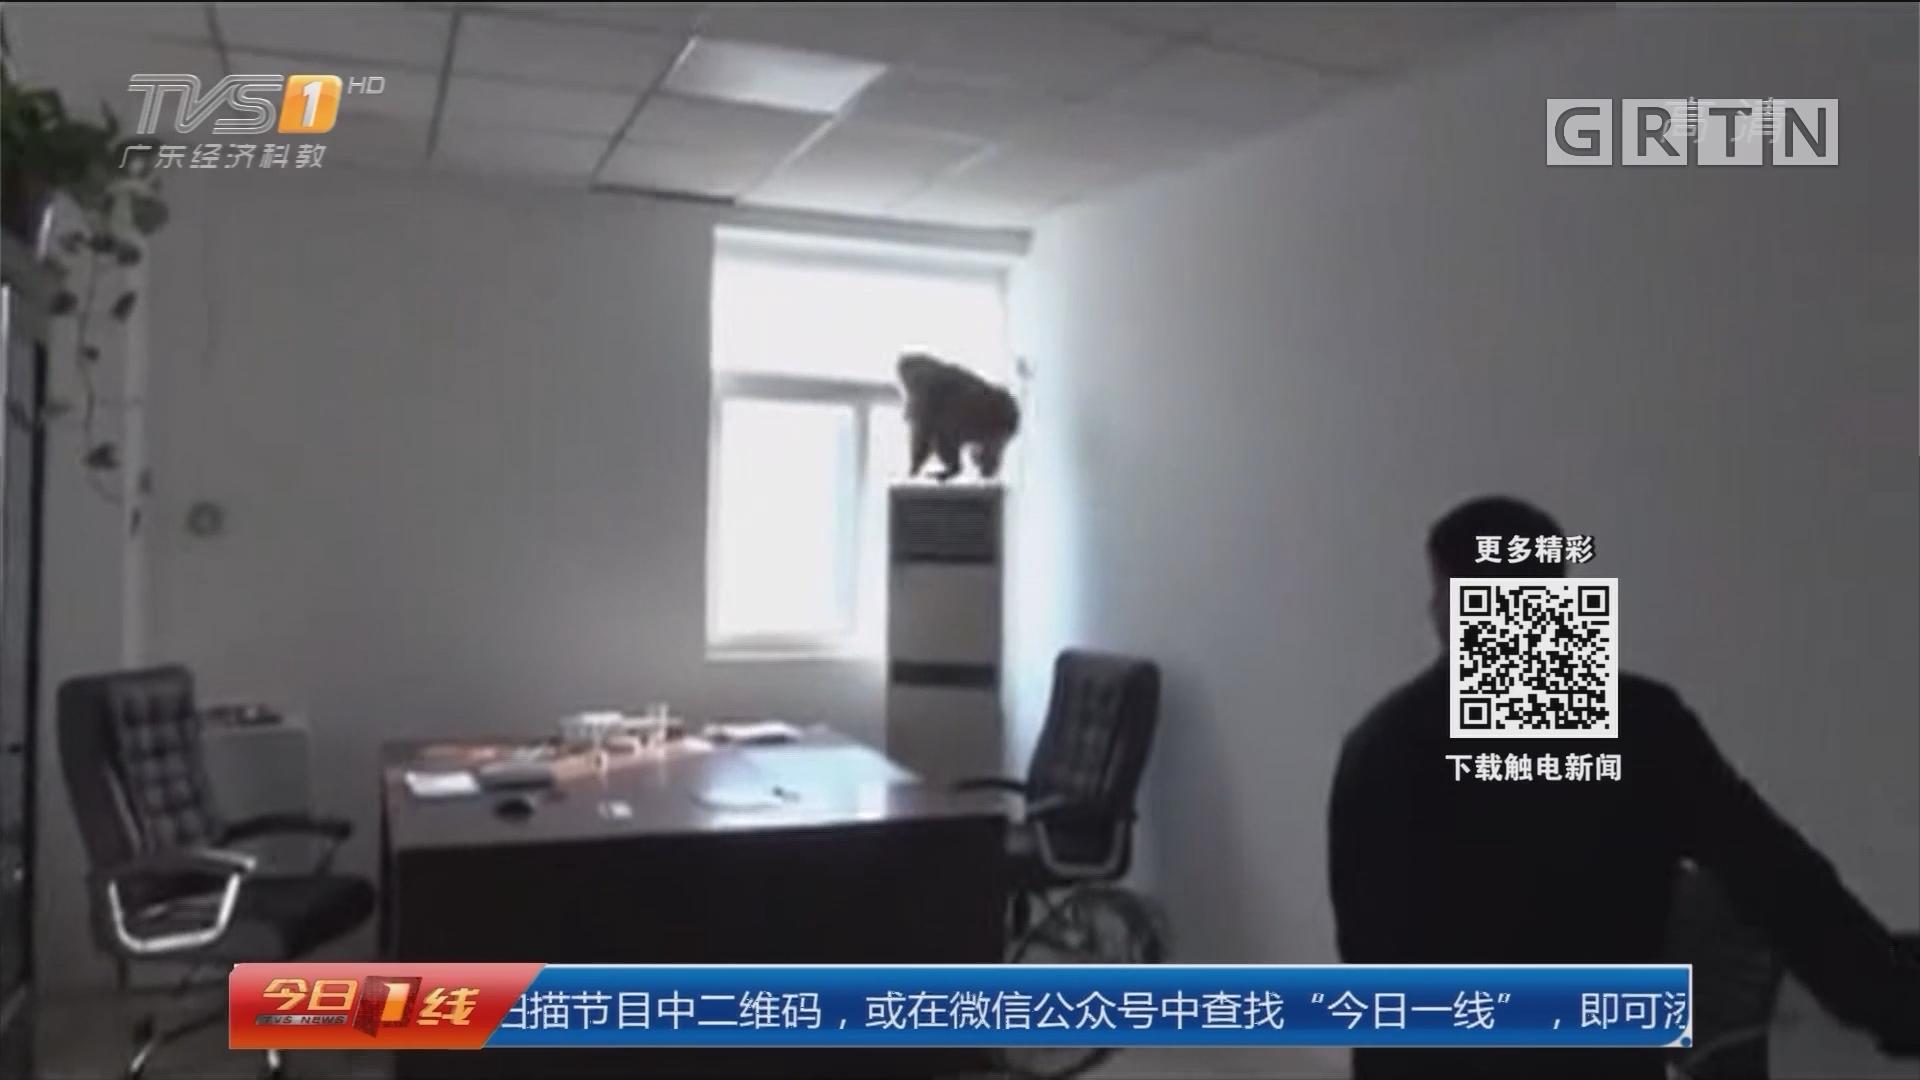 河南:猴子闯办公室 闹完开窗溜了!